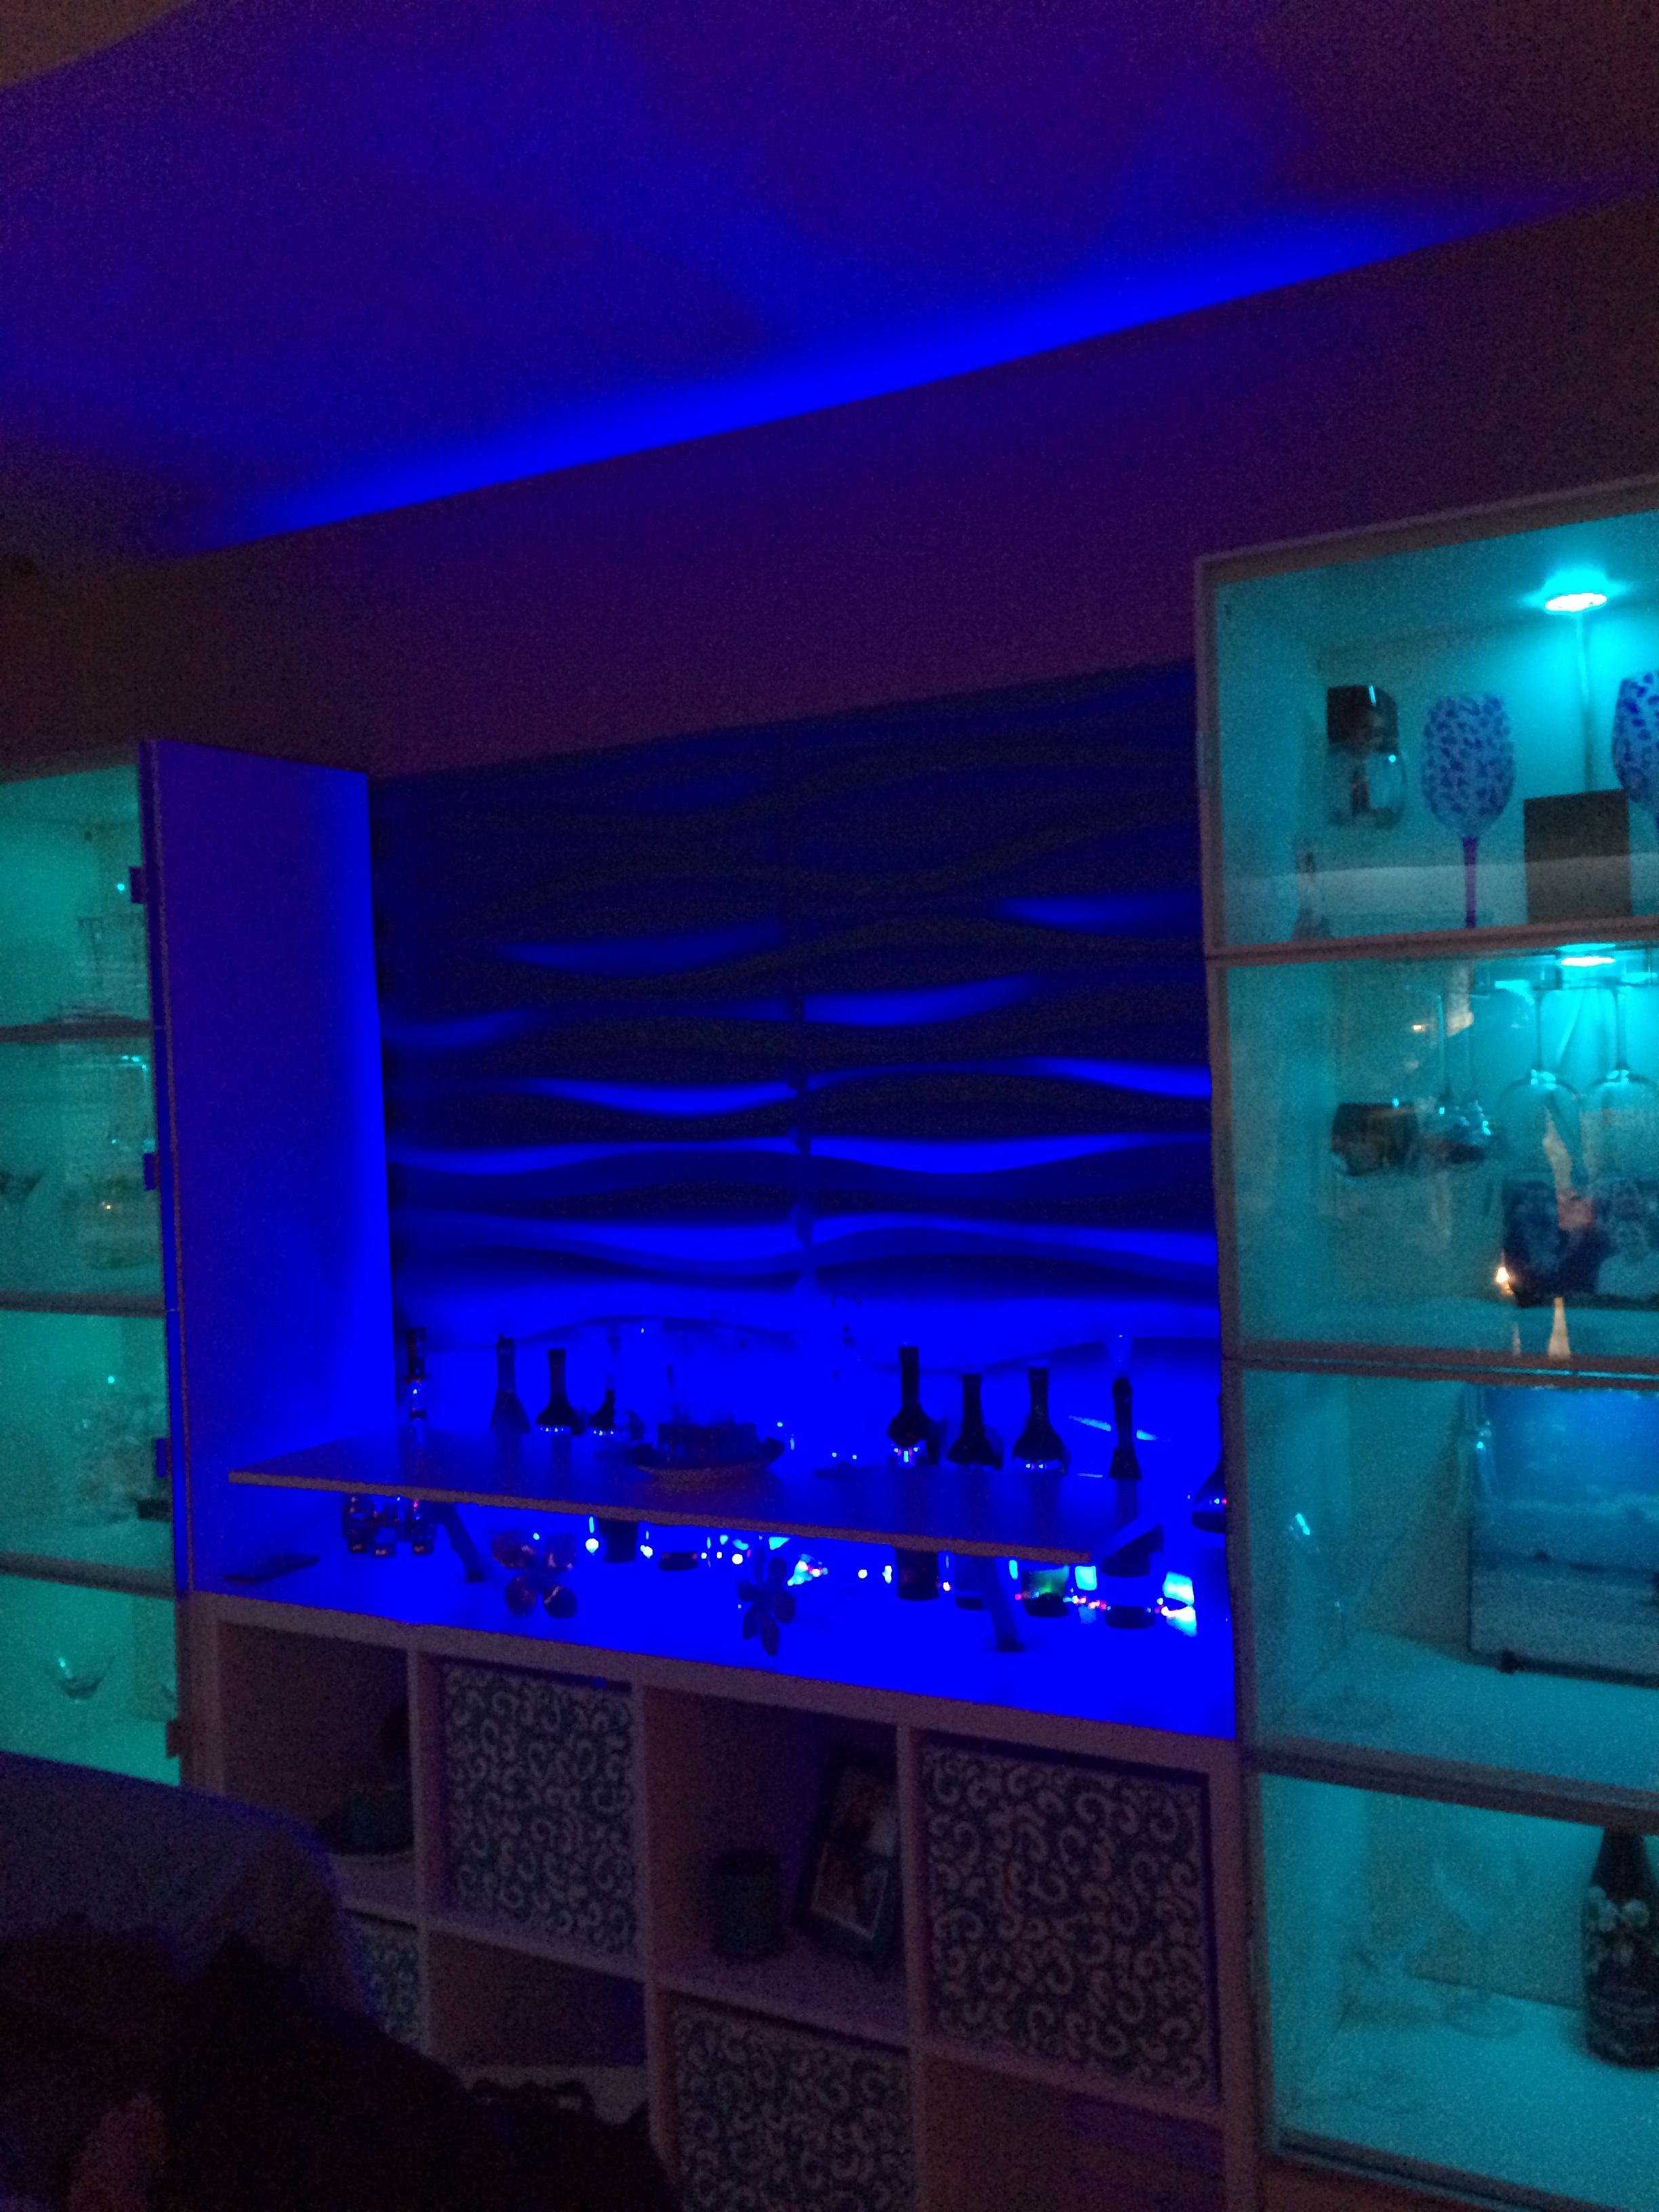 led up lighting 3d wall panels ikea kallax bar hack on wall hacks id=33295